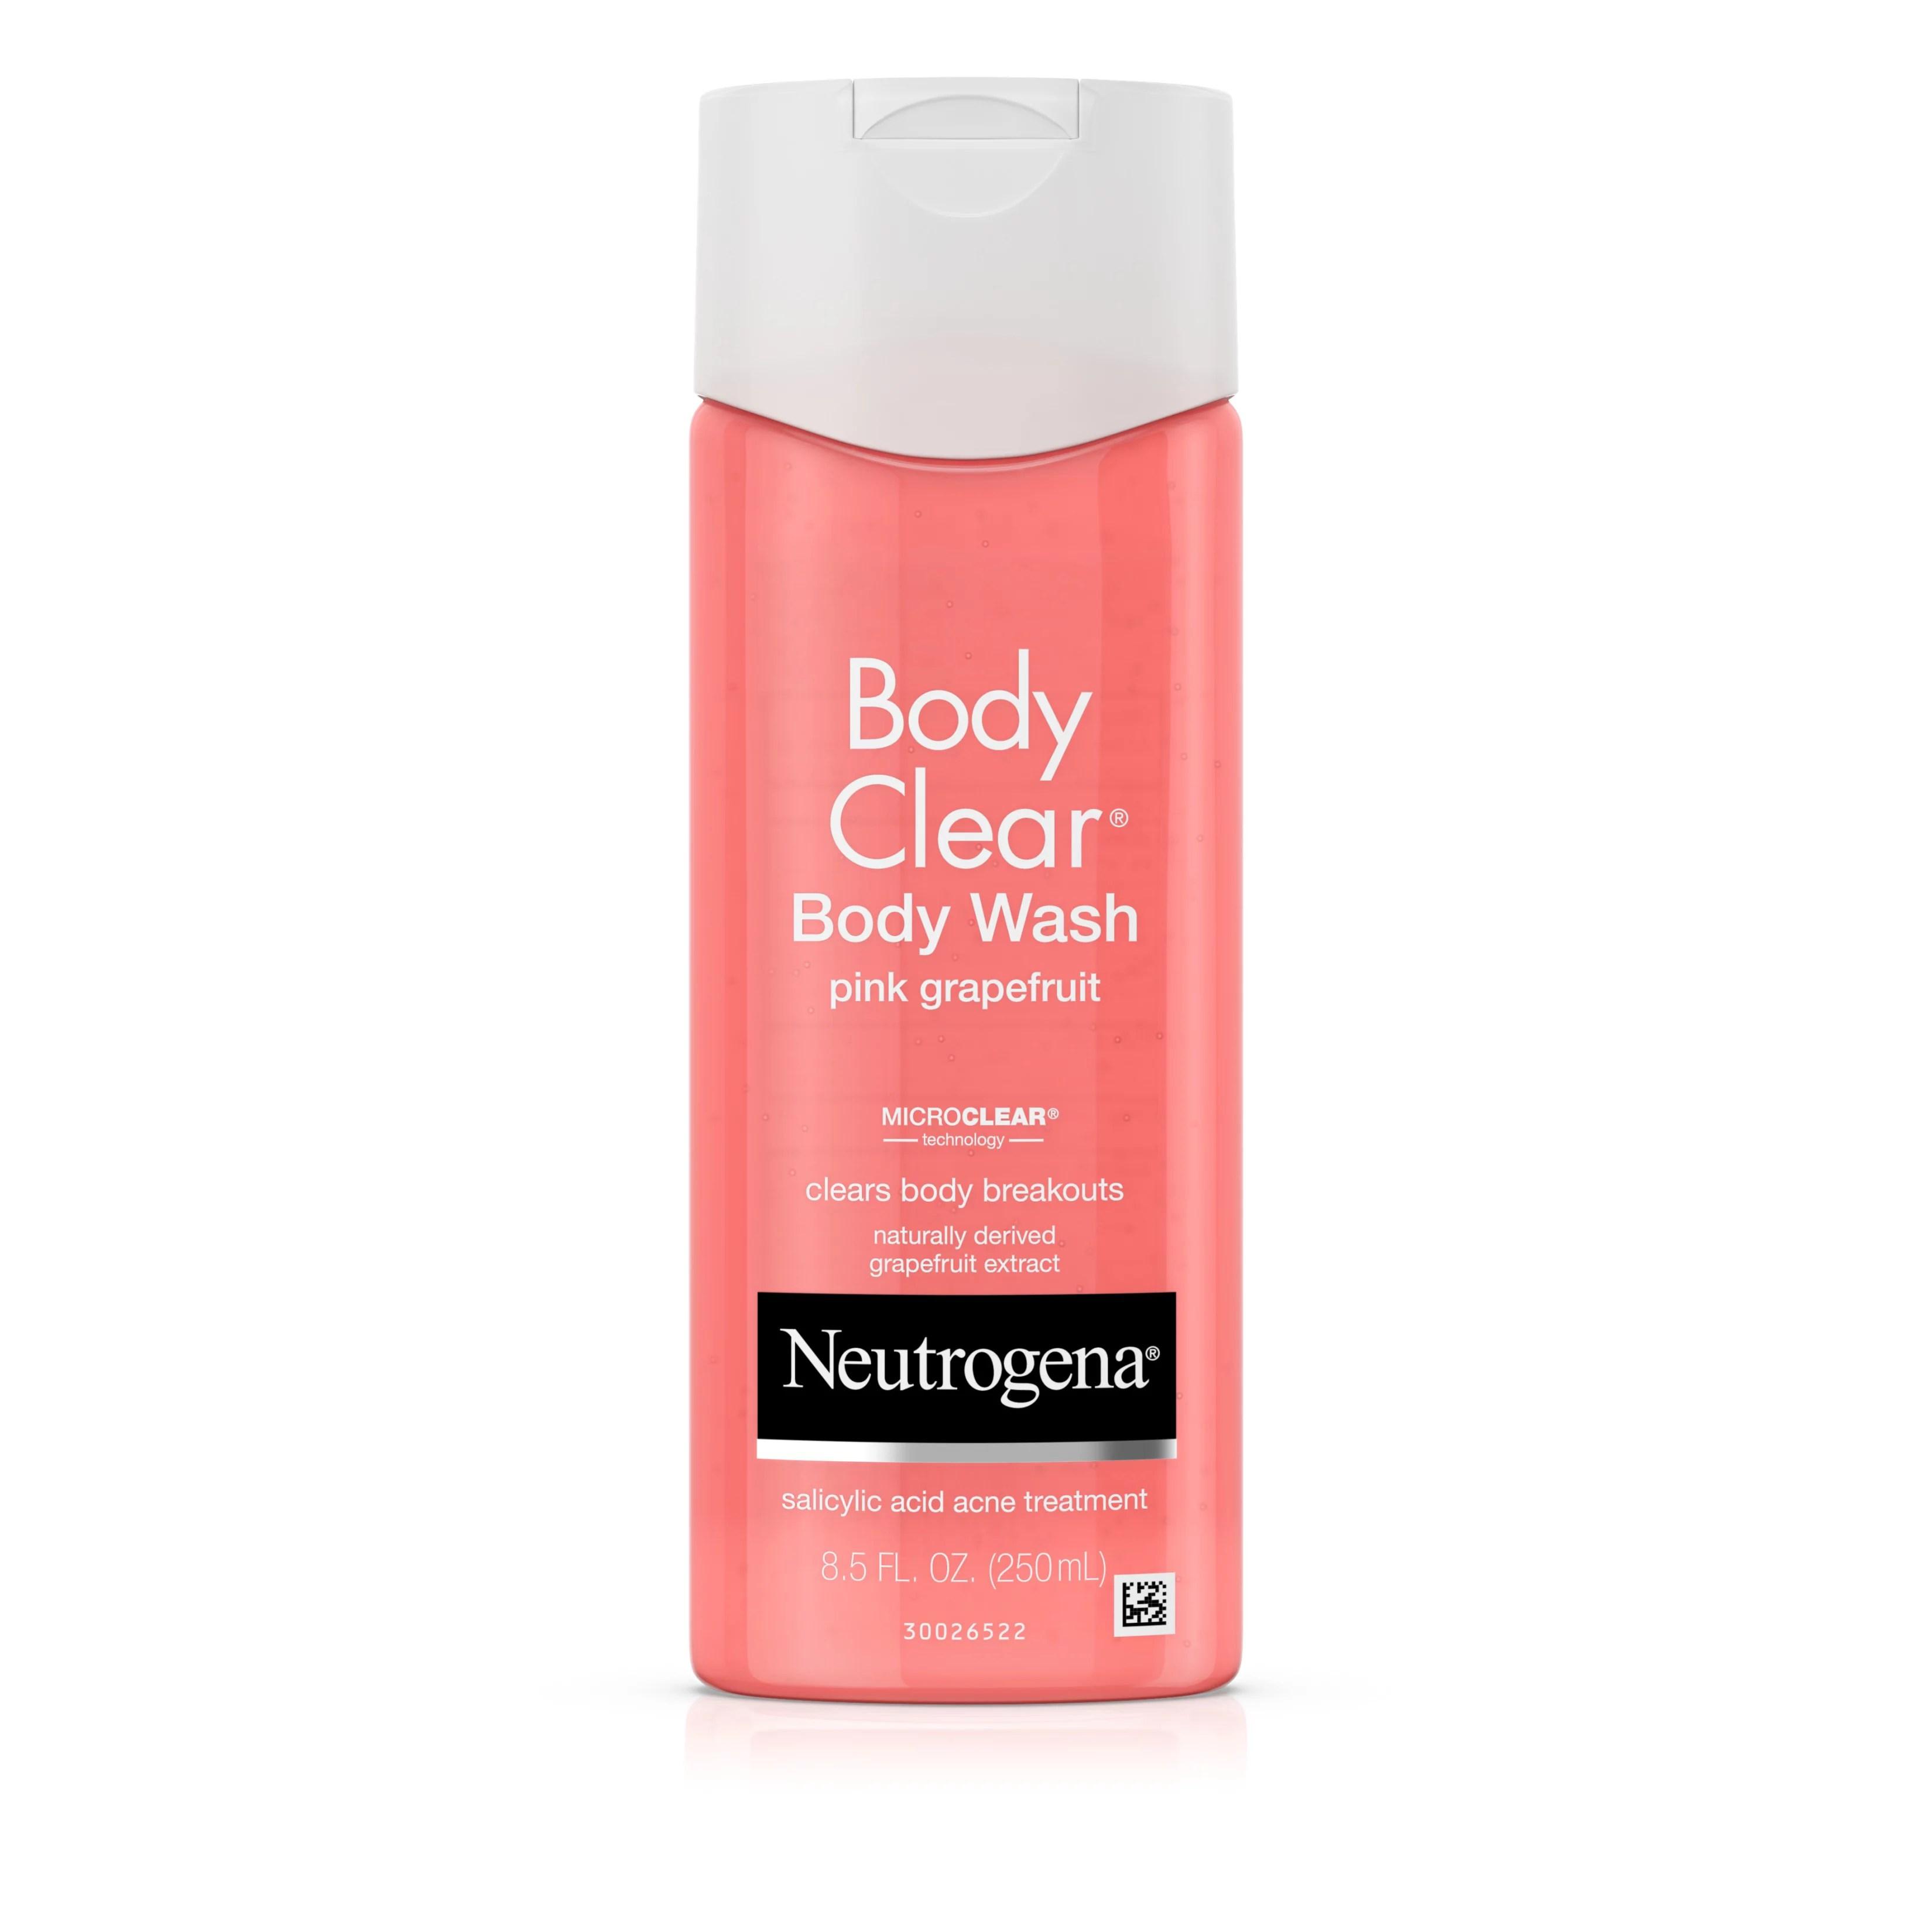 neutrogena body clear pink grapefruit acne body wash 8 5 fl oz walmart com